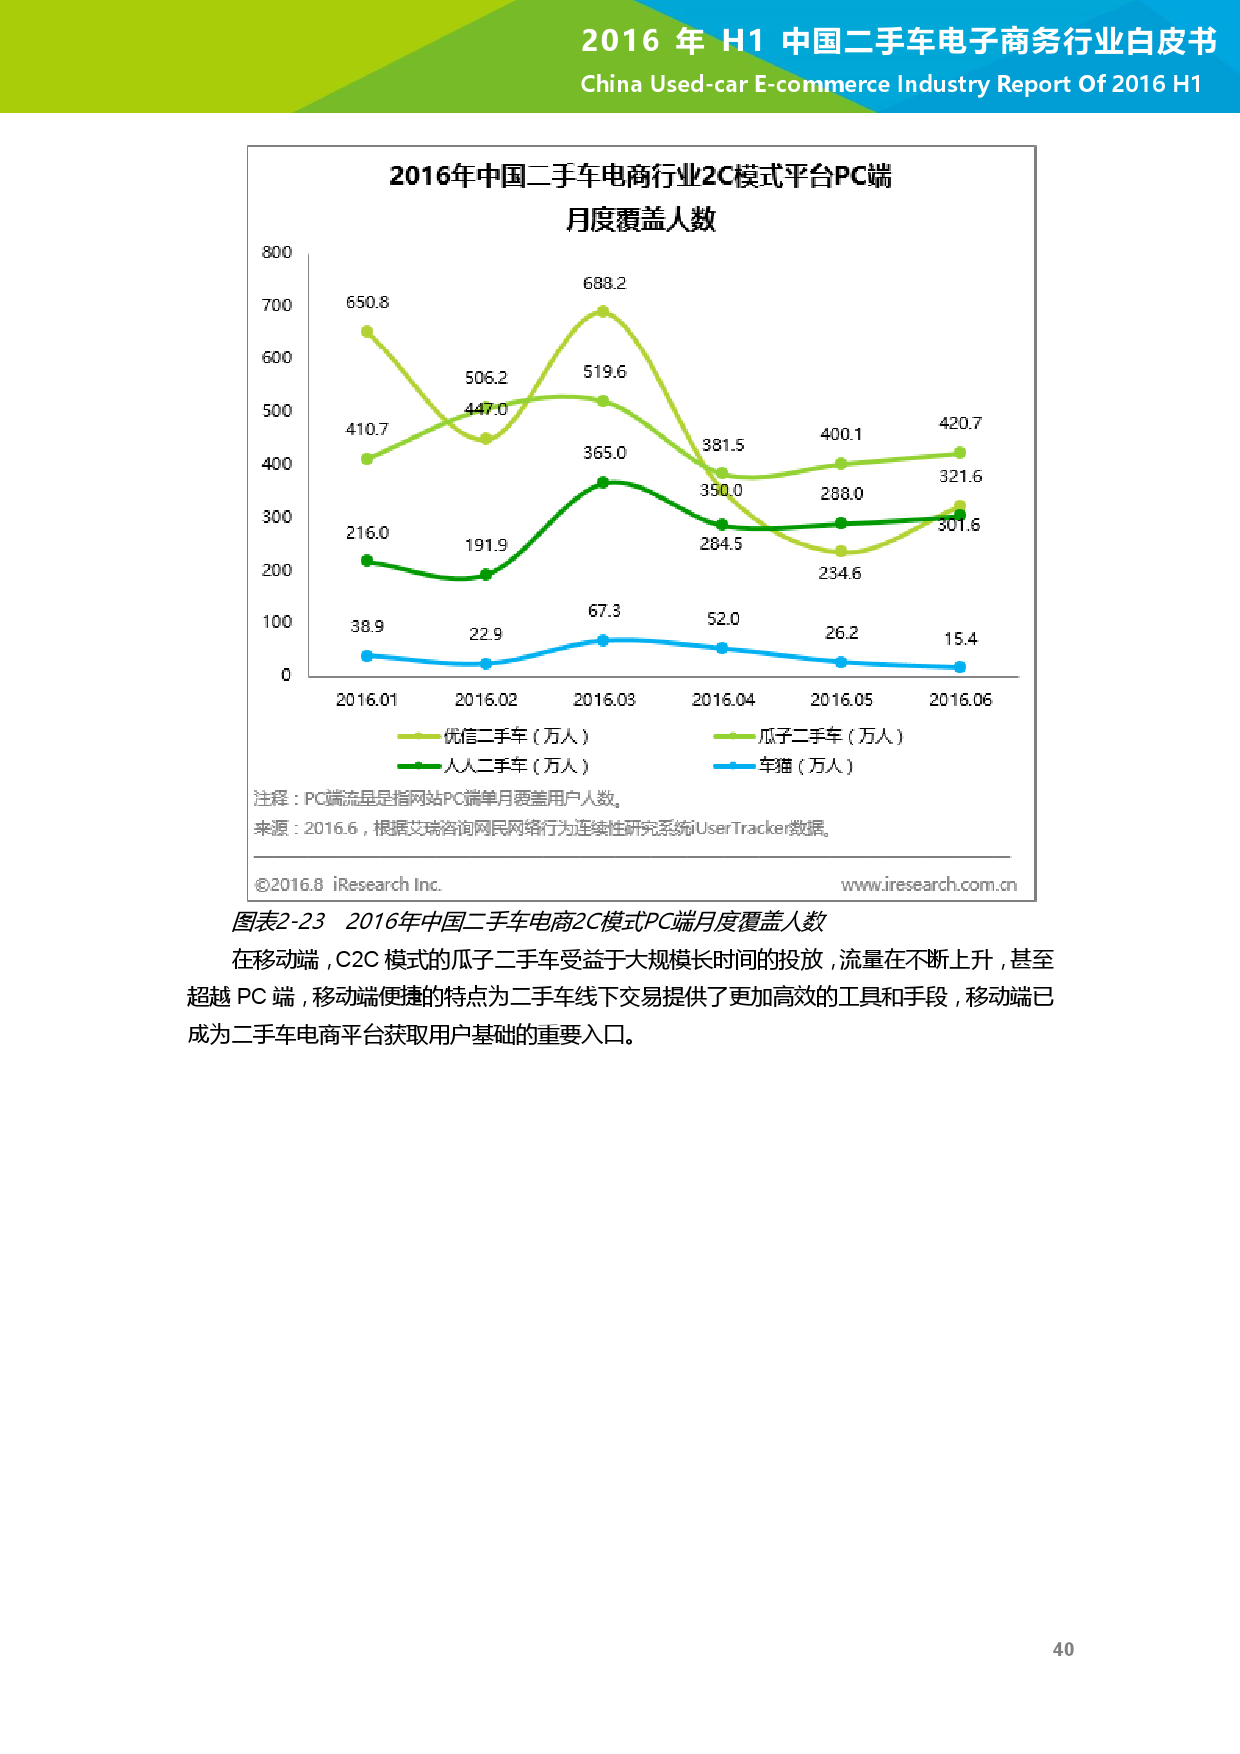 2016年H1中国二手车电子商务行业白皮书_000041